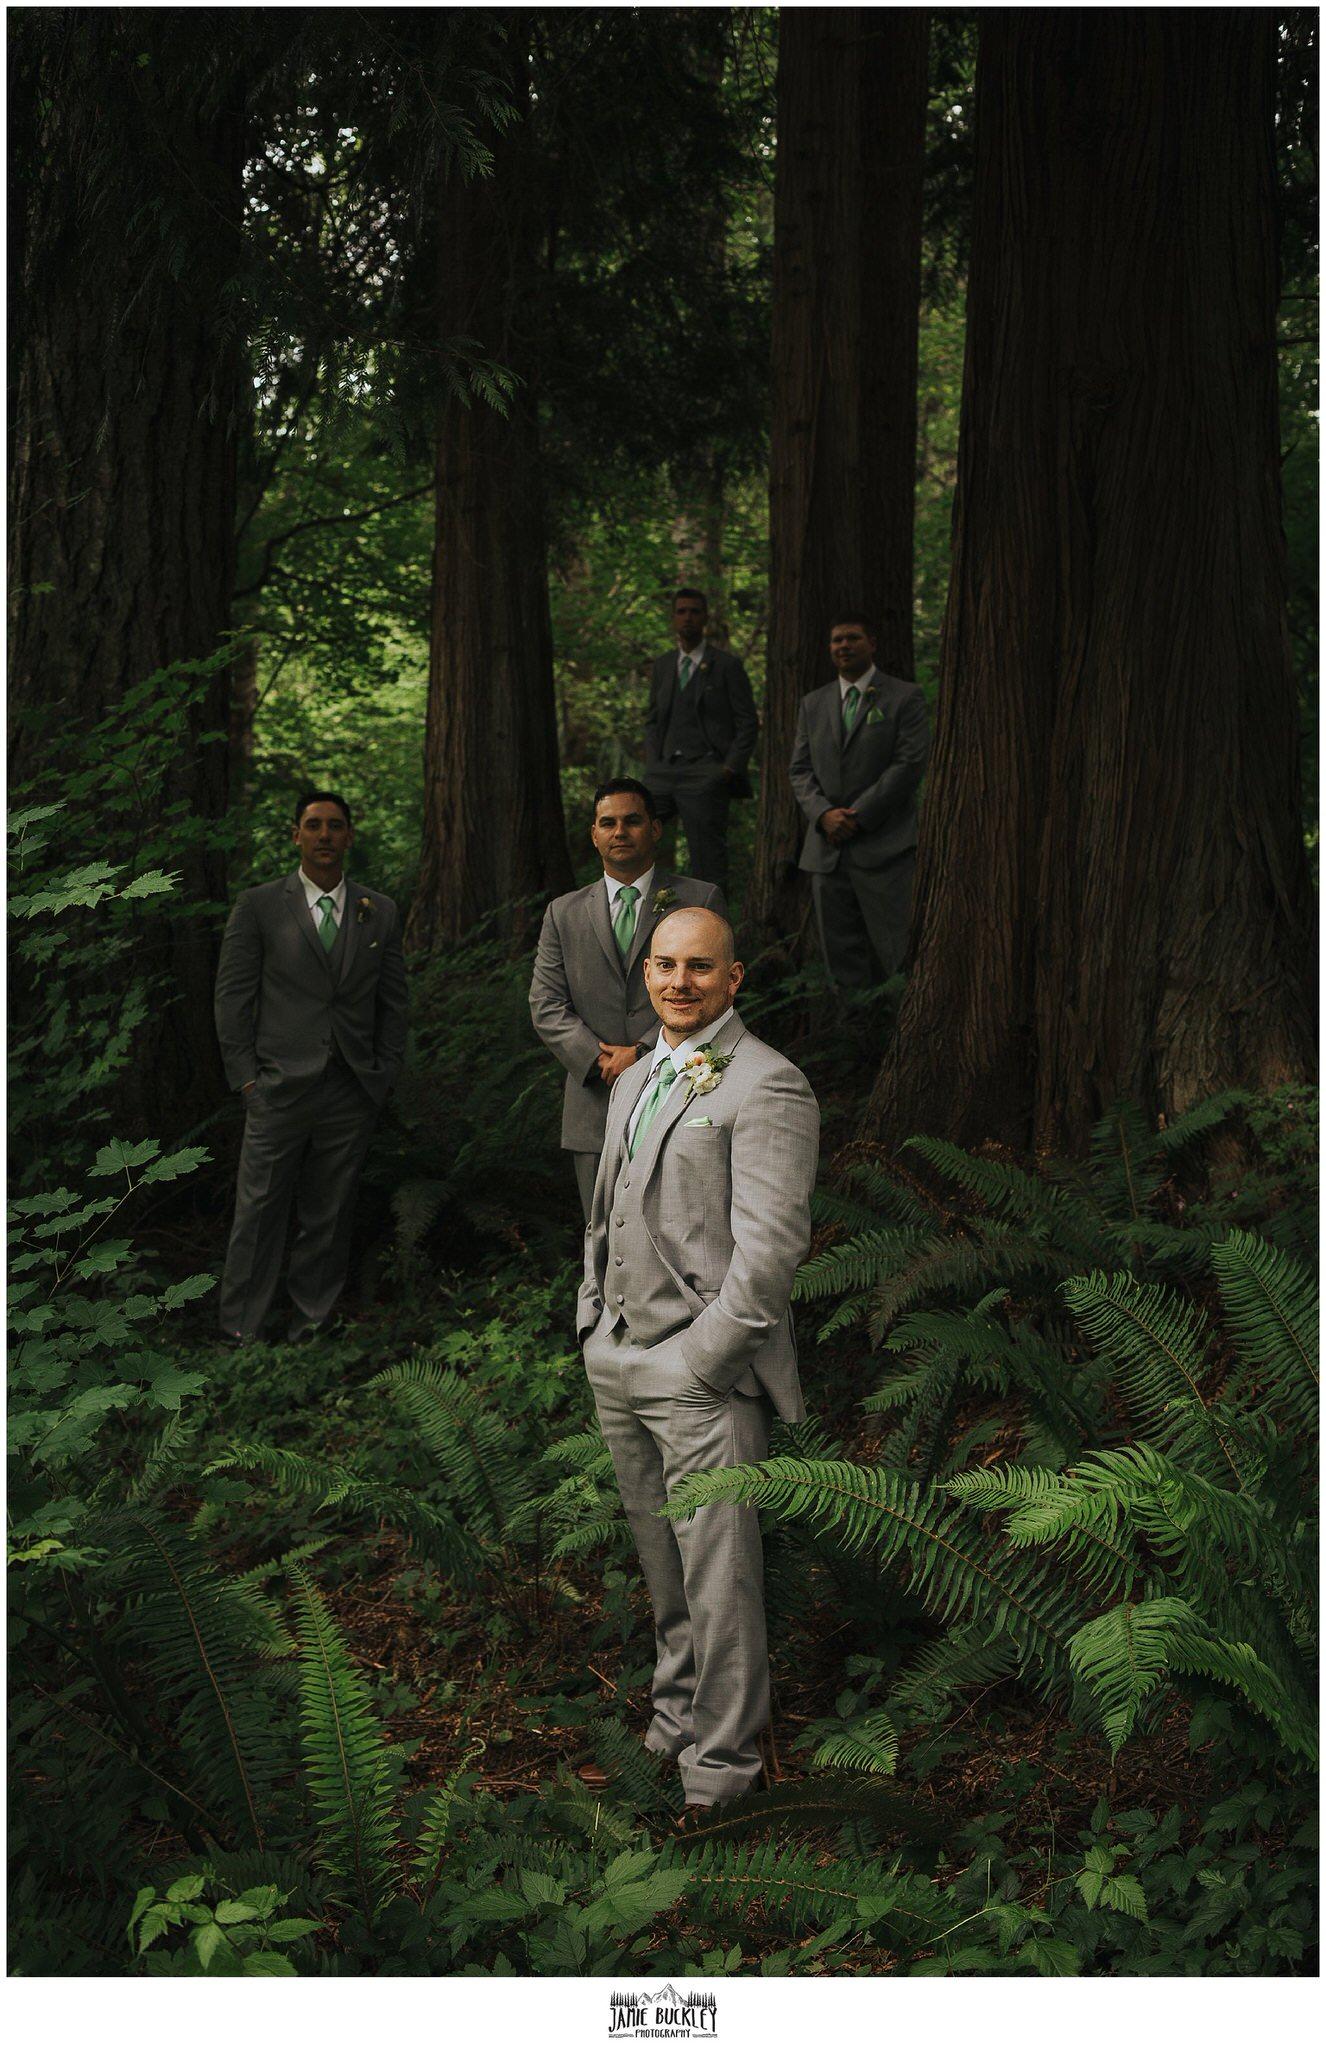 groom and groomsmen in trees before wedding